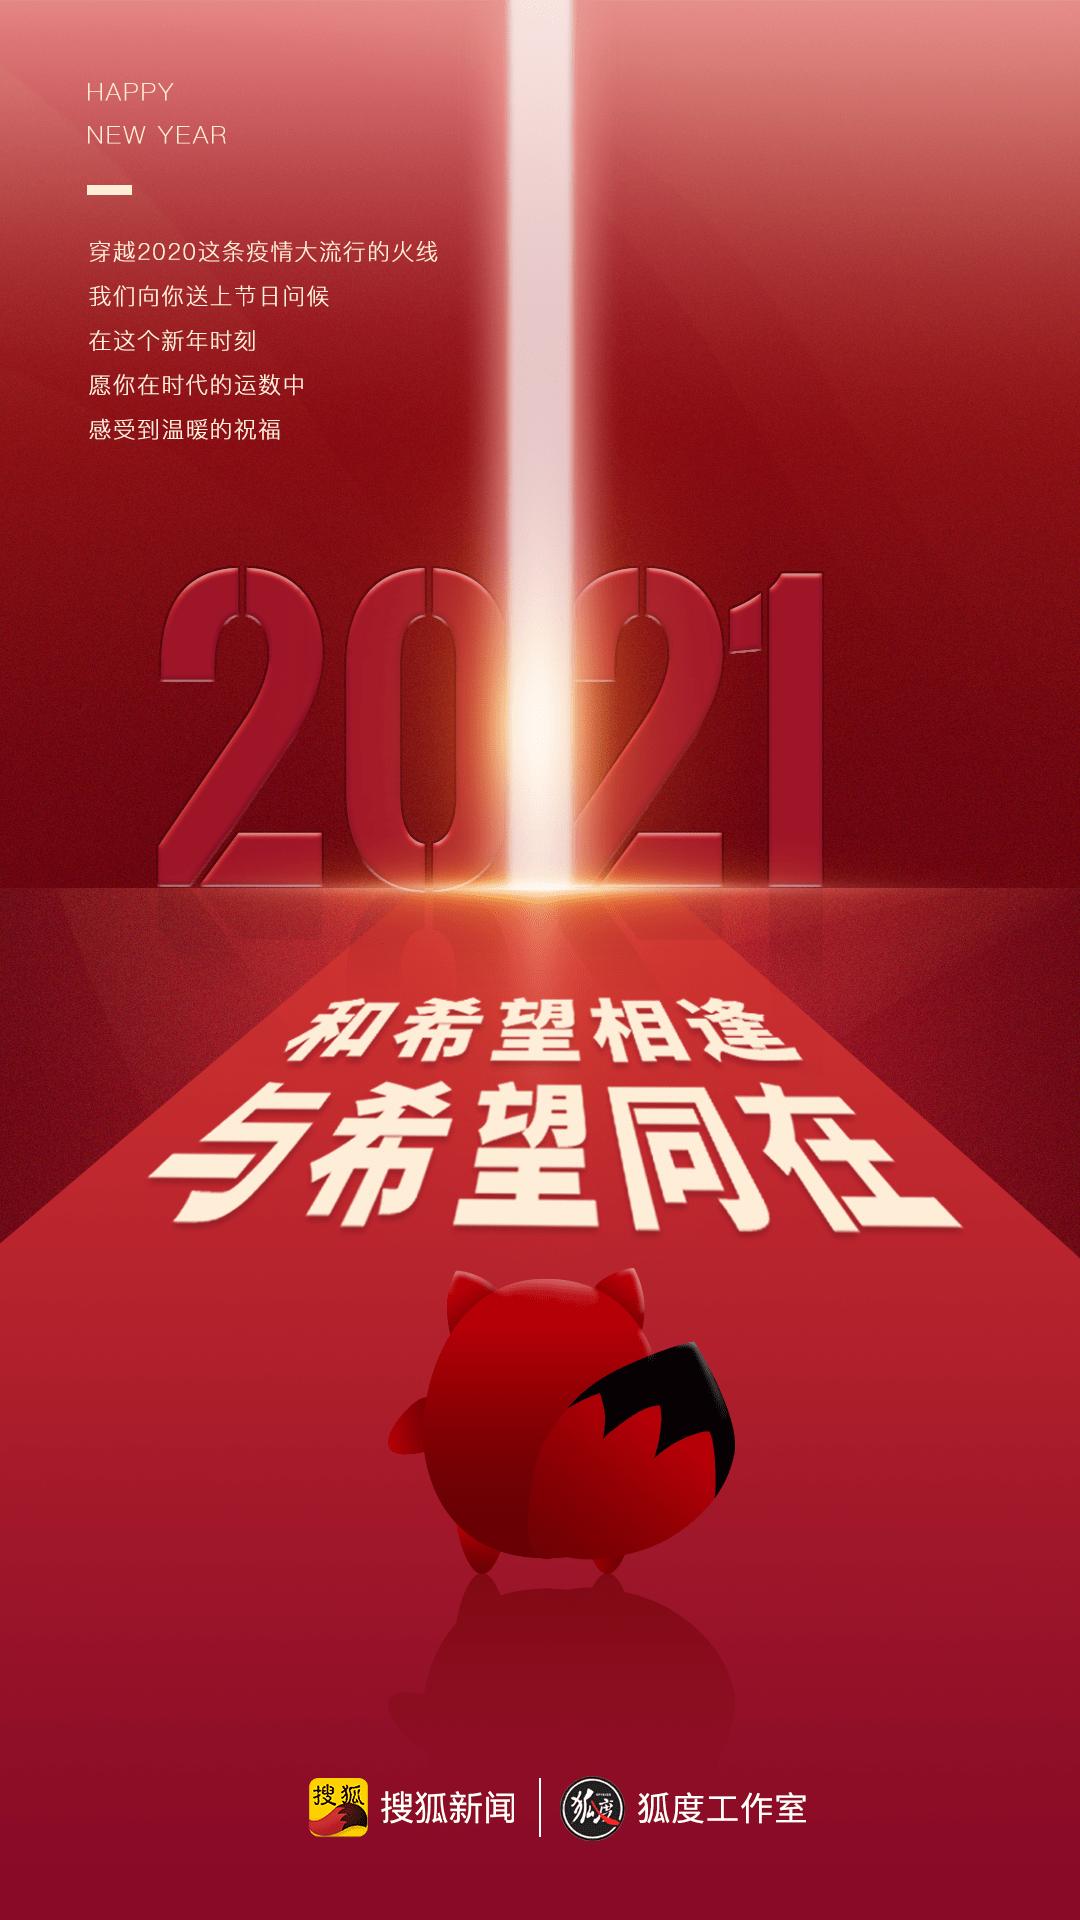 原创与希望相遇,与希望同在|搜狐新闻新年致辞